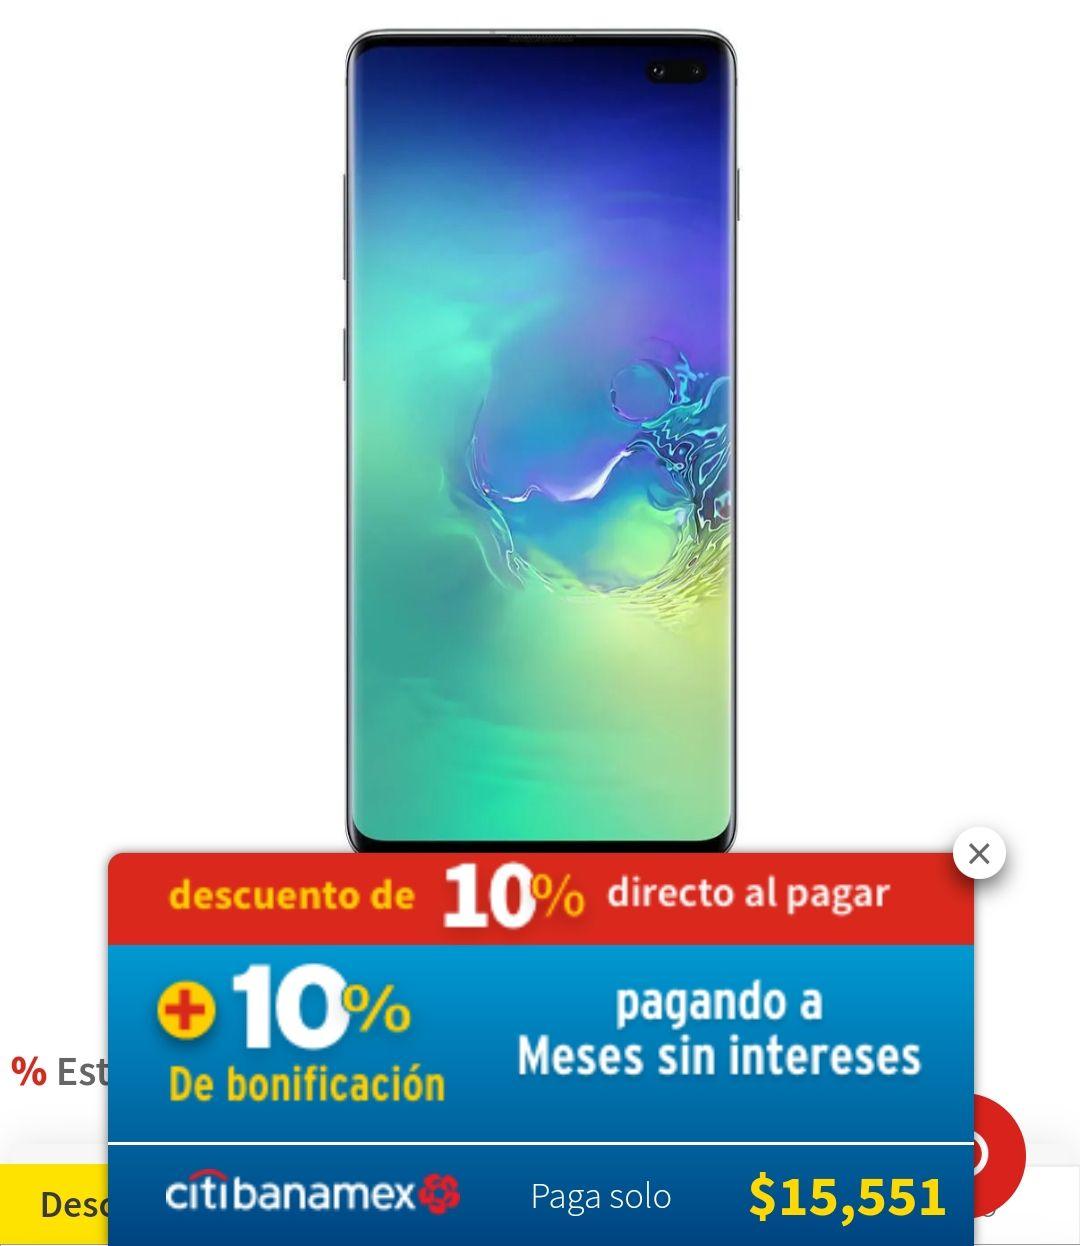 Elektra: Samsung Galaxy S10+, 3 colores disponibles (Pagando con Citibanamex)